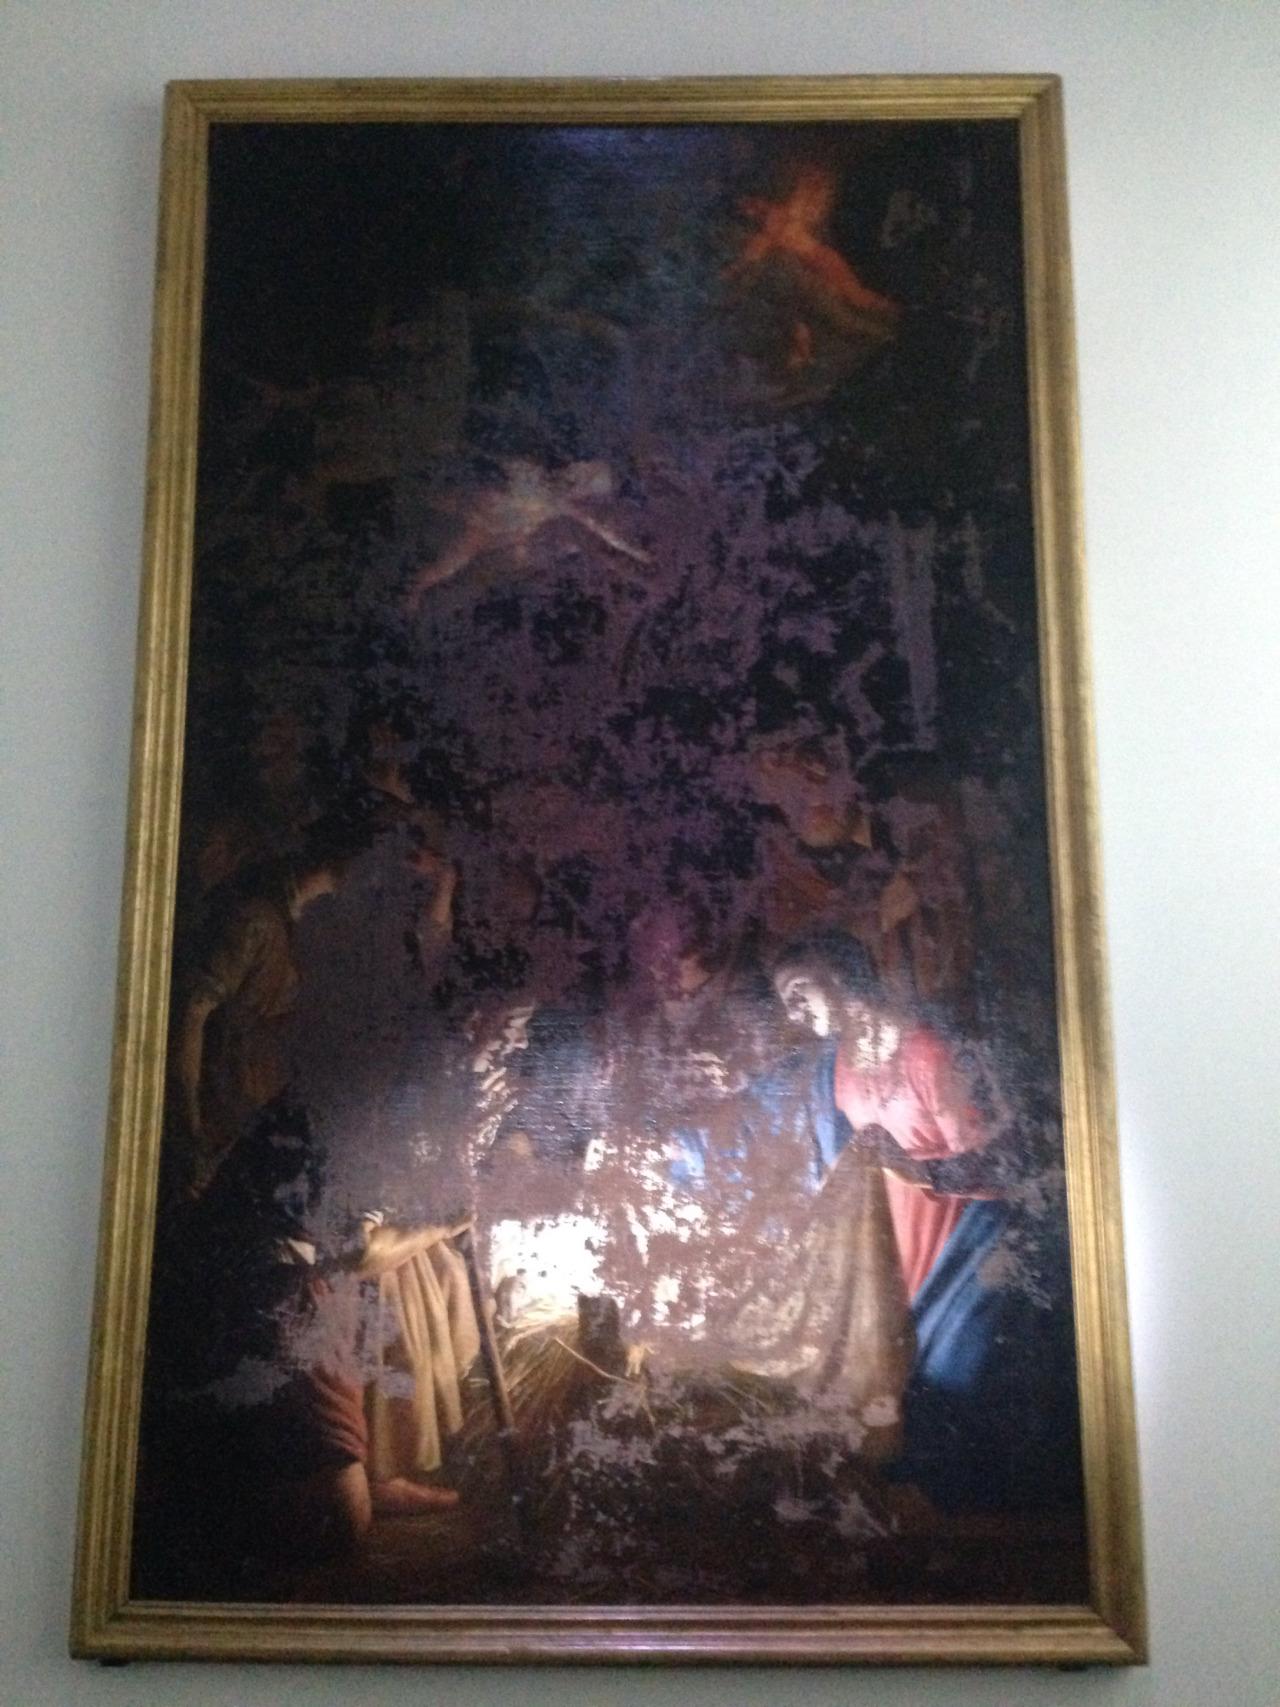 ヴァザーリの回廊と22年前の悲しいテロ_a0136671_1414664.jpg